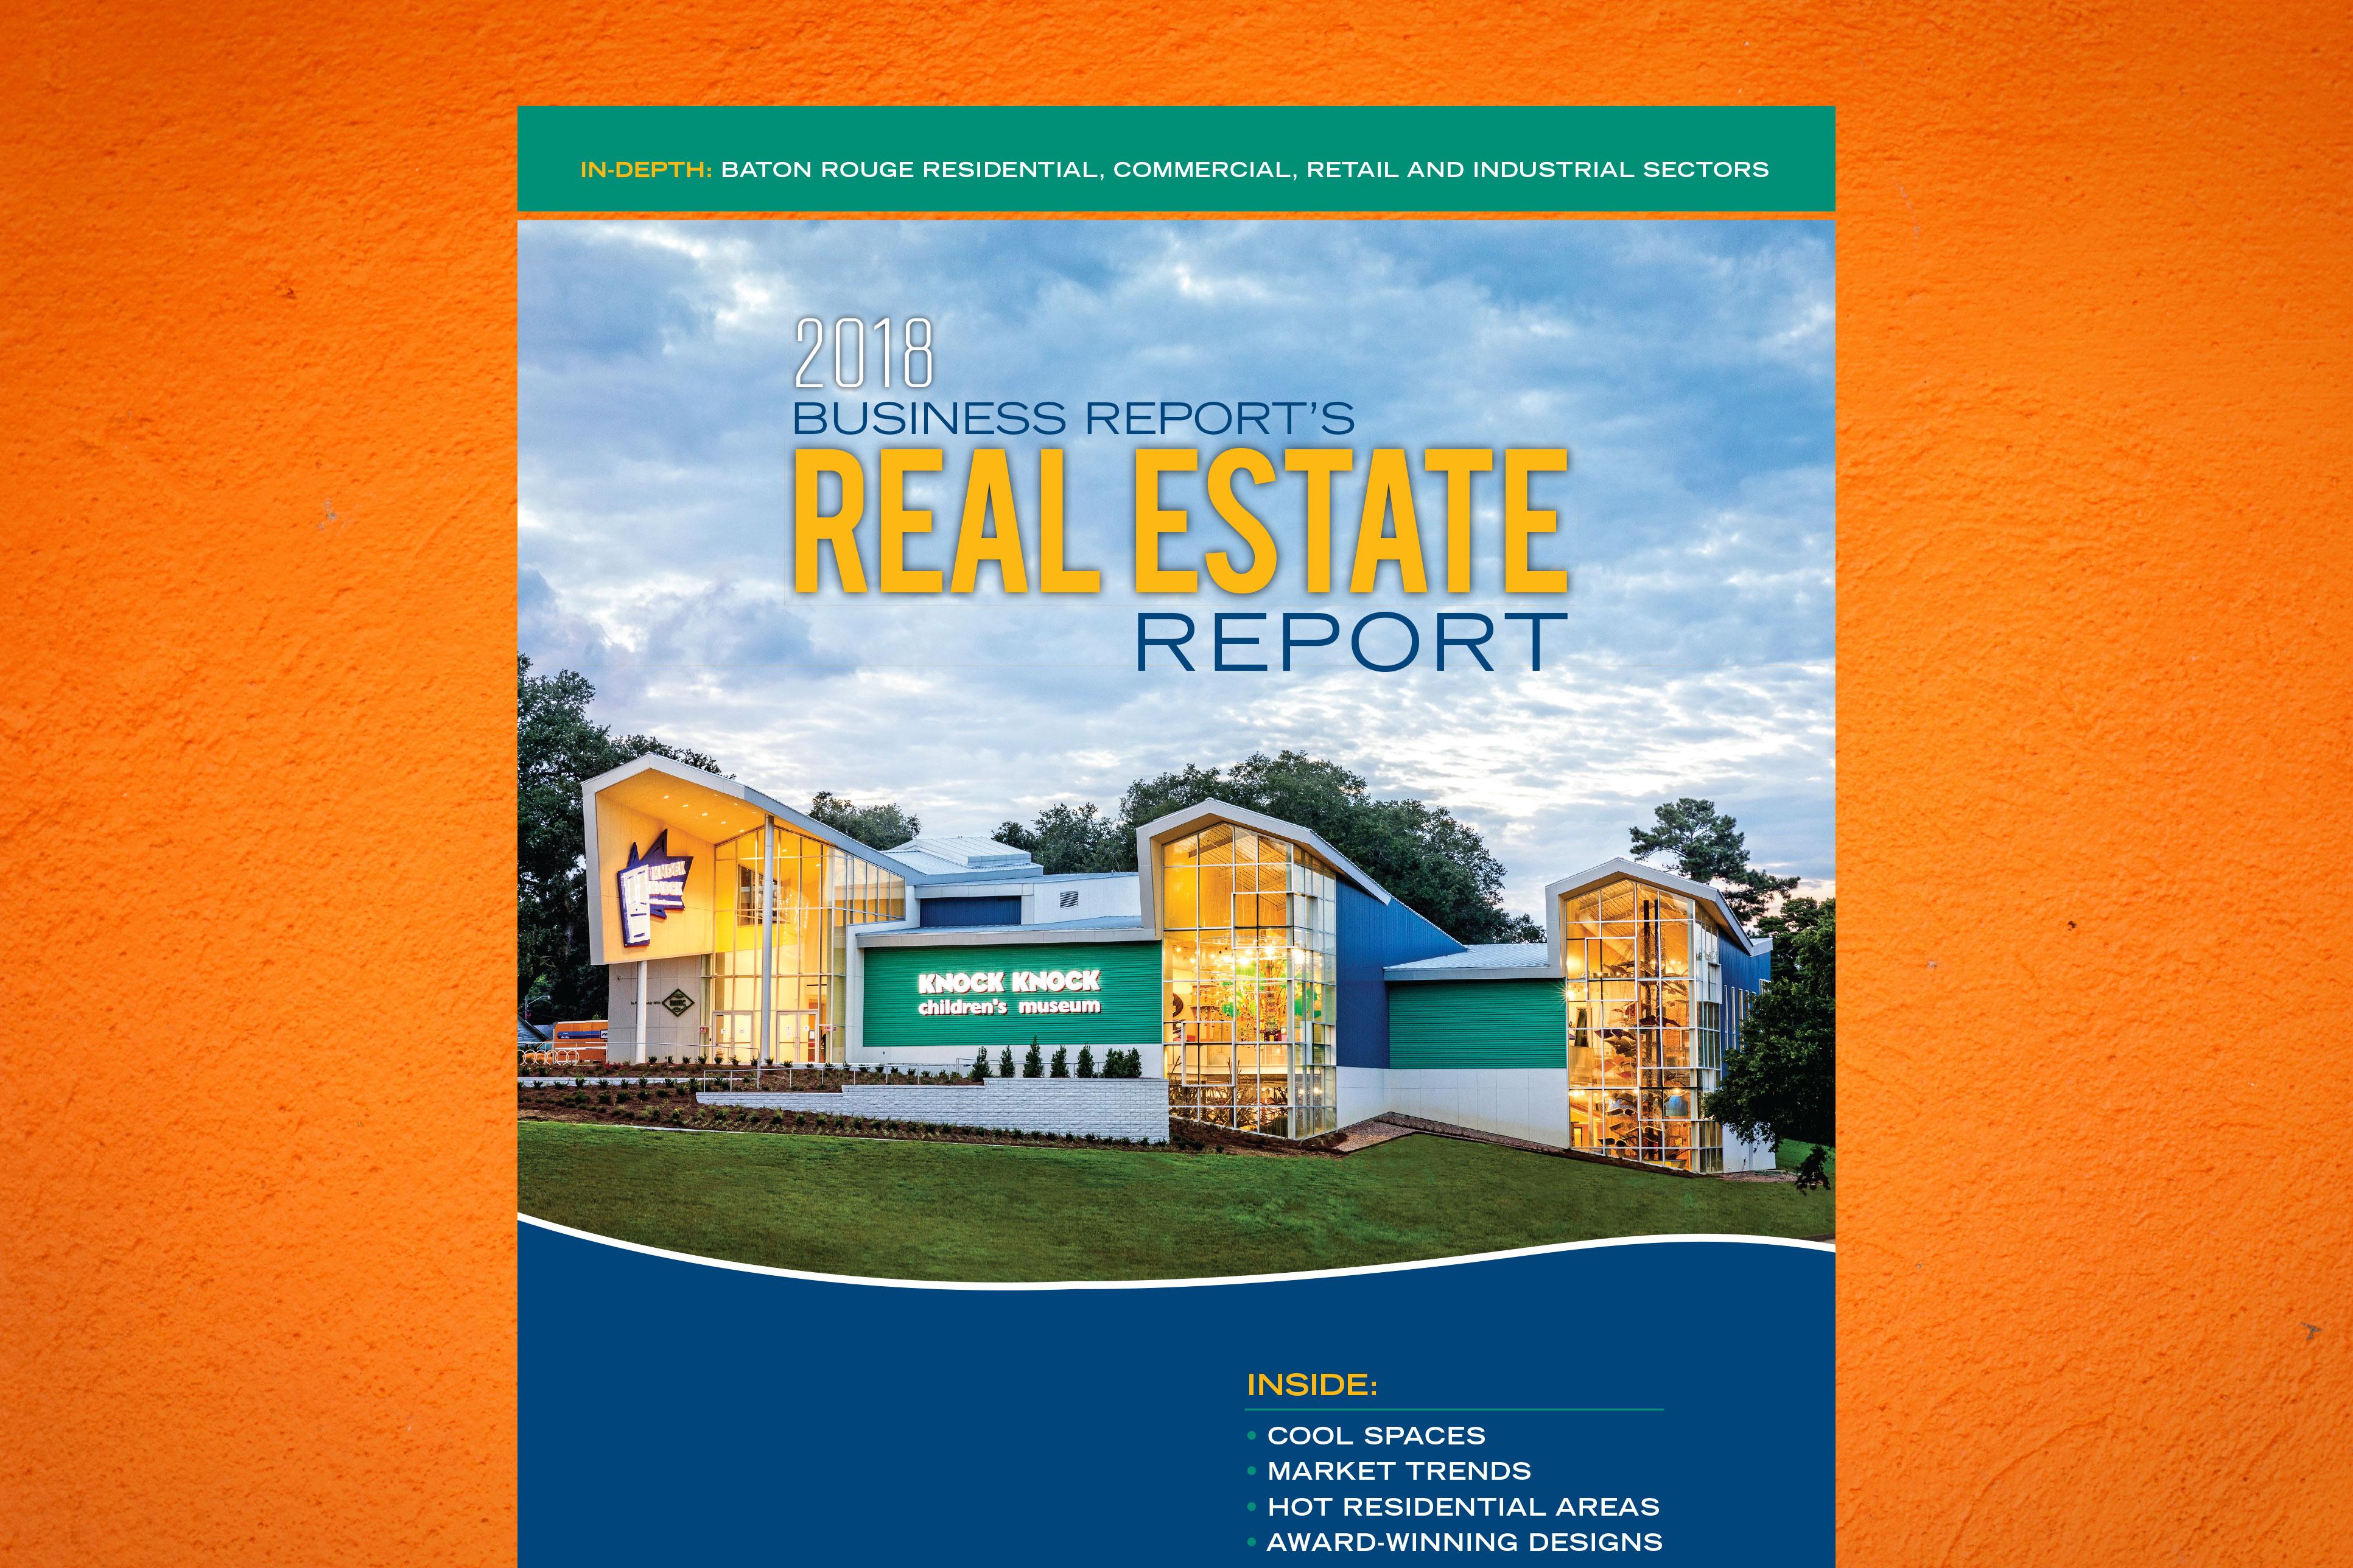 2018 Real Estate Report